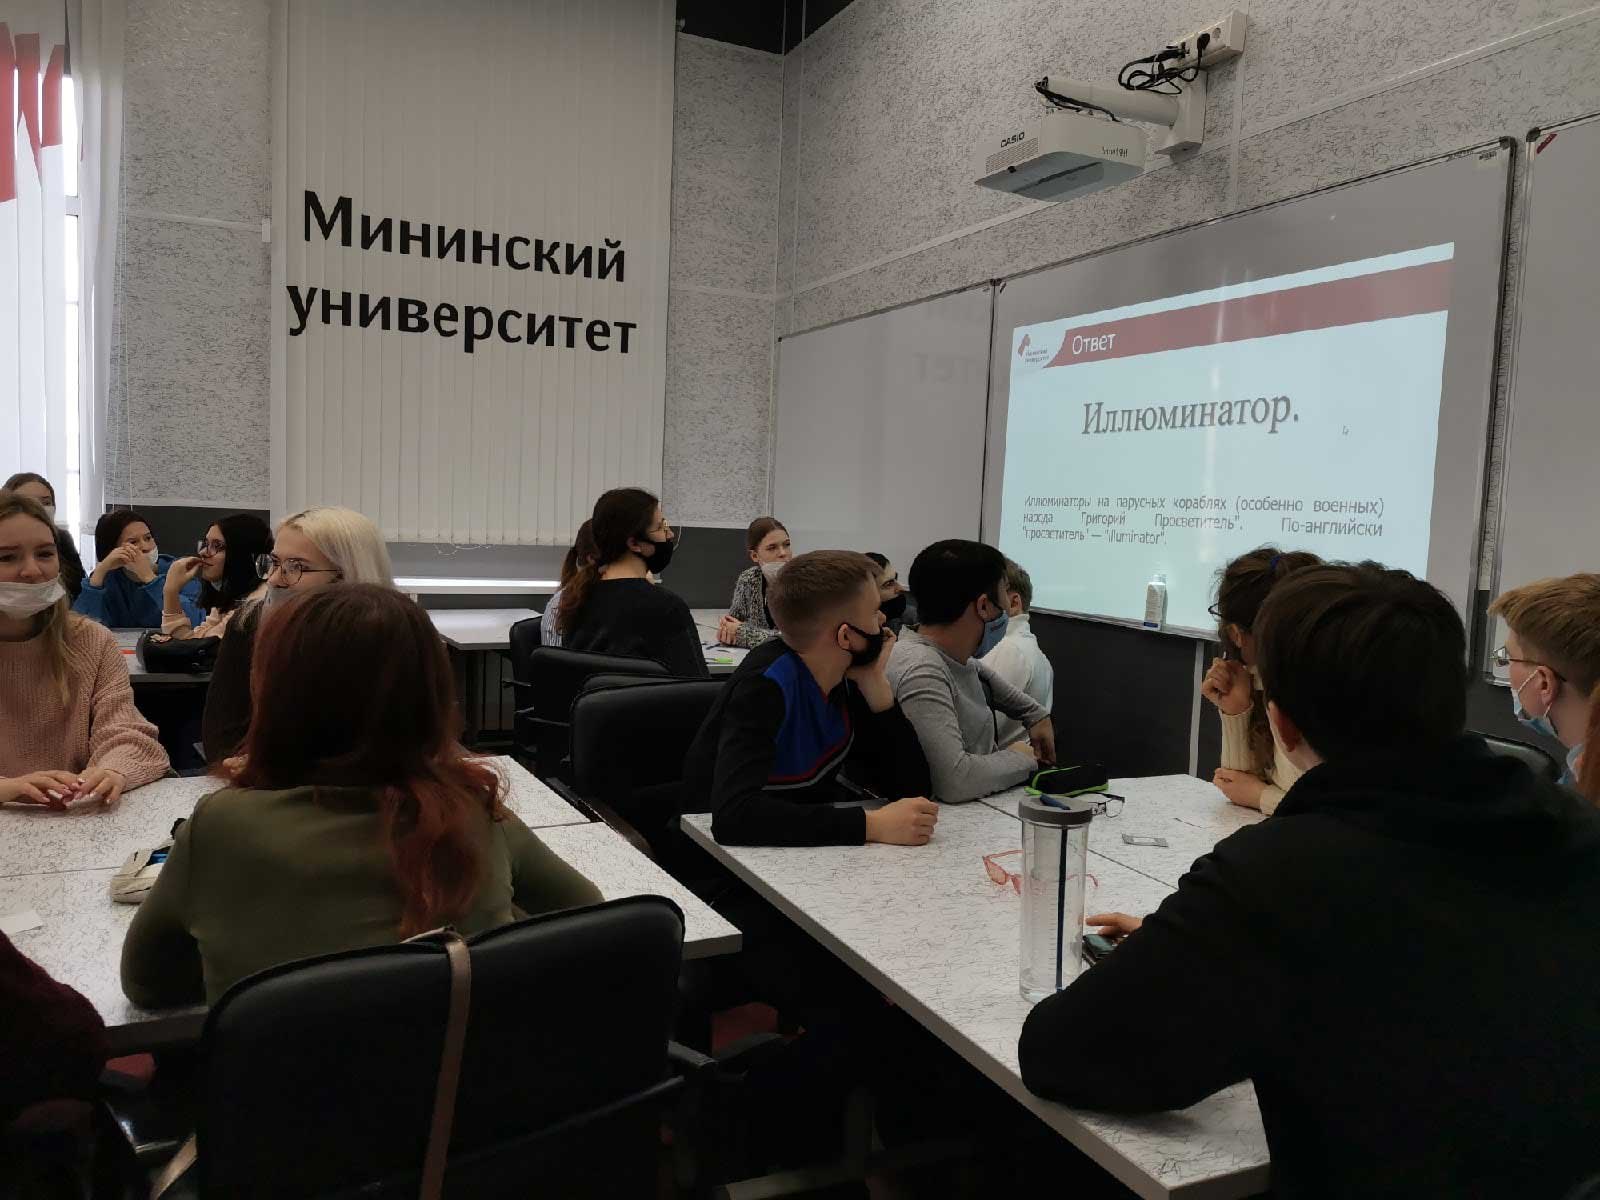 В Мининском университете прошла отборочная игра интеллектуального клуба